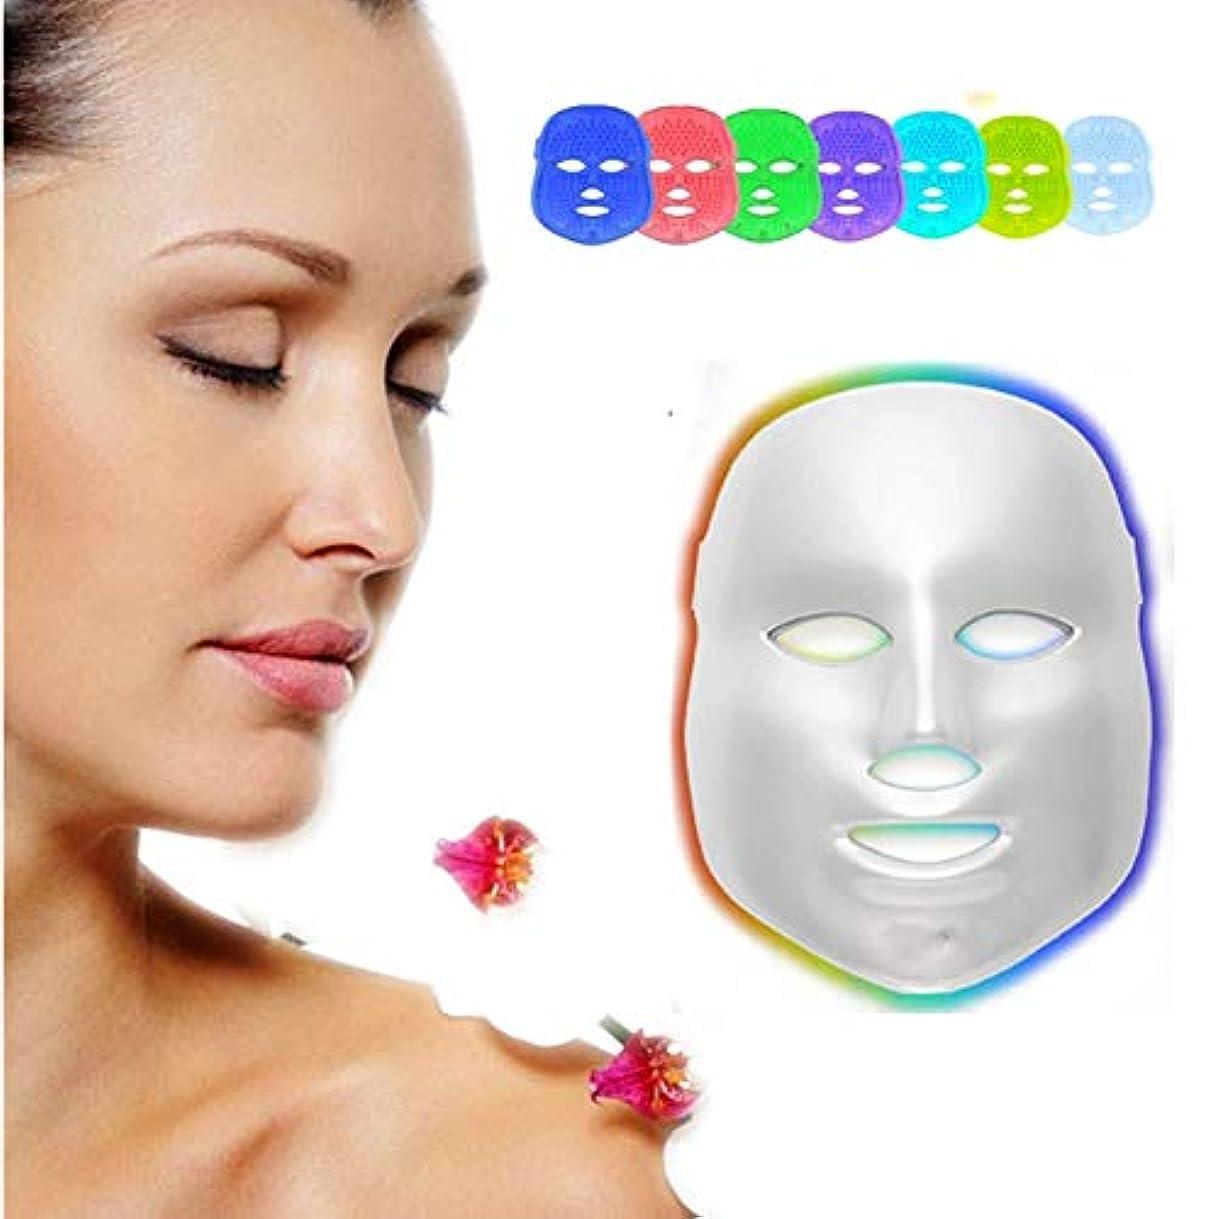 お世話になったブランク羽LEDPhōton療法7色光治療マスク美容機器肌の若返りタイトにきびスポット分解メラニンしわホワイトニングフェイシャル